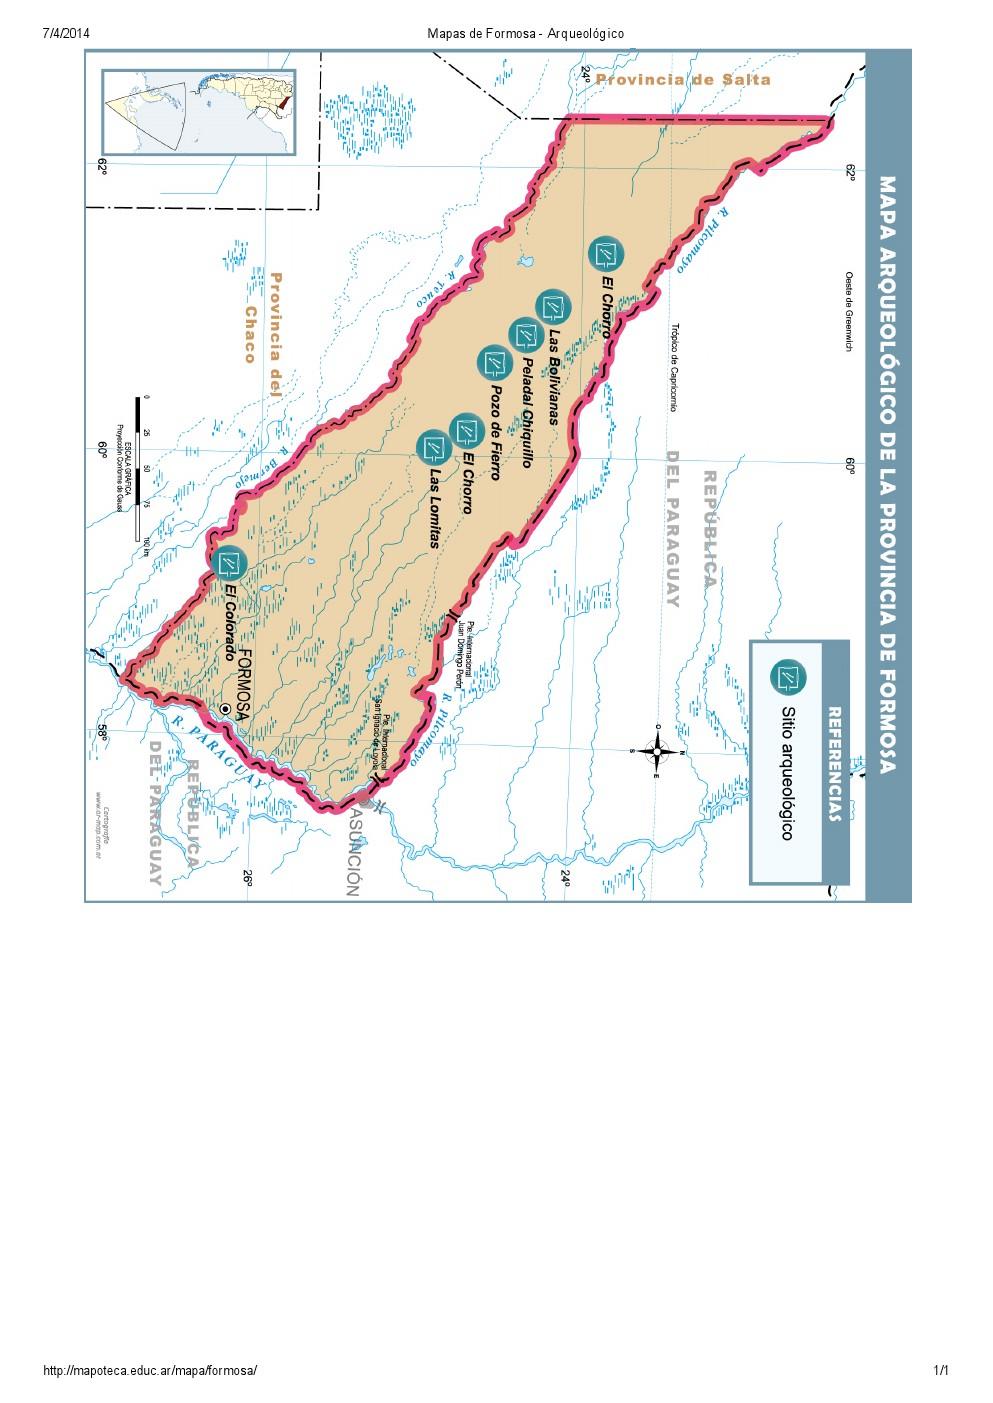 Mapa arqueológico de Formosa. Mapoteca de Educ.ar